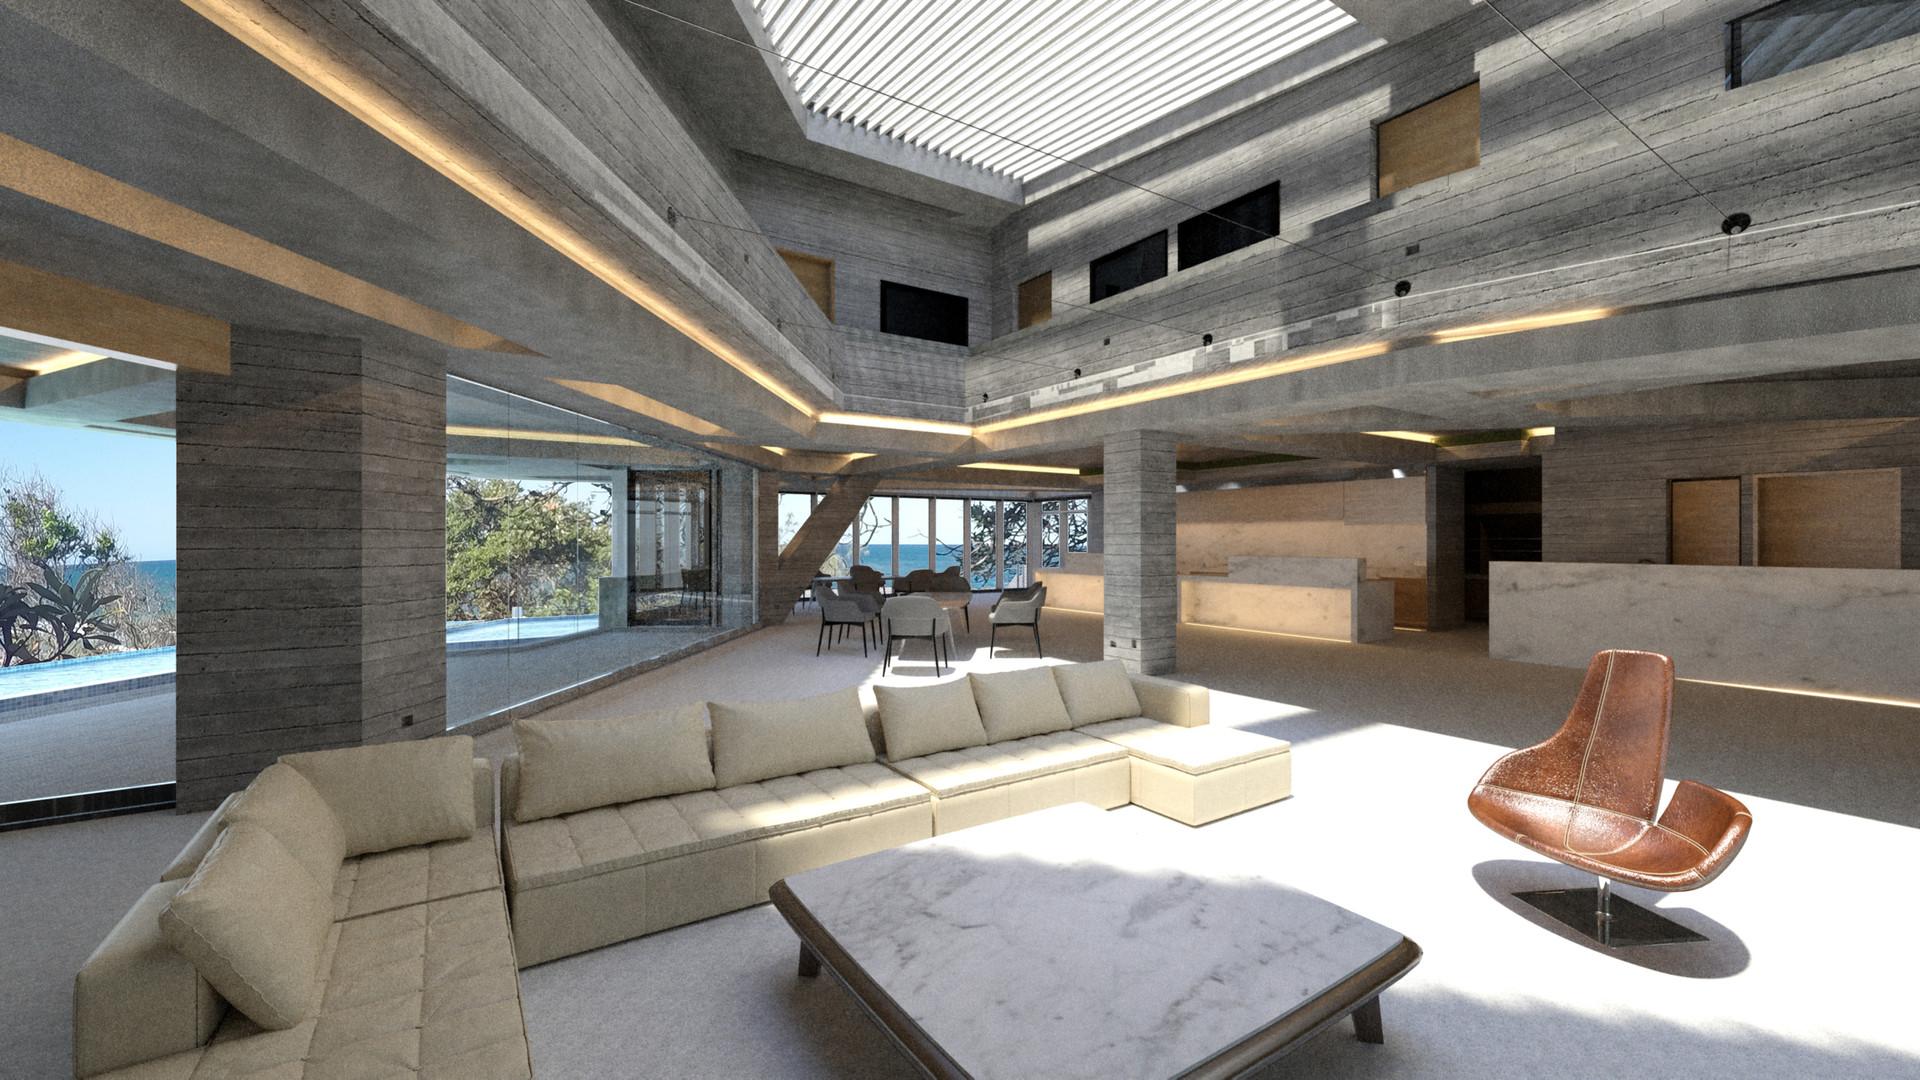 DICKY BEACH HOUSE